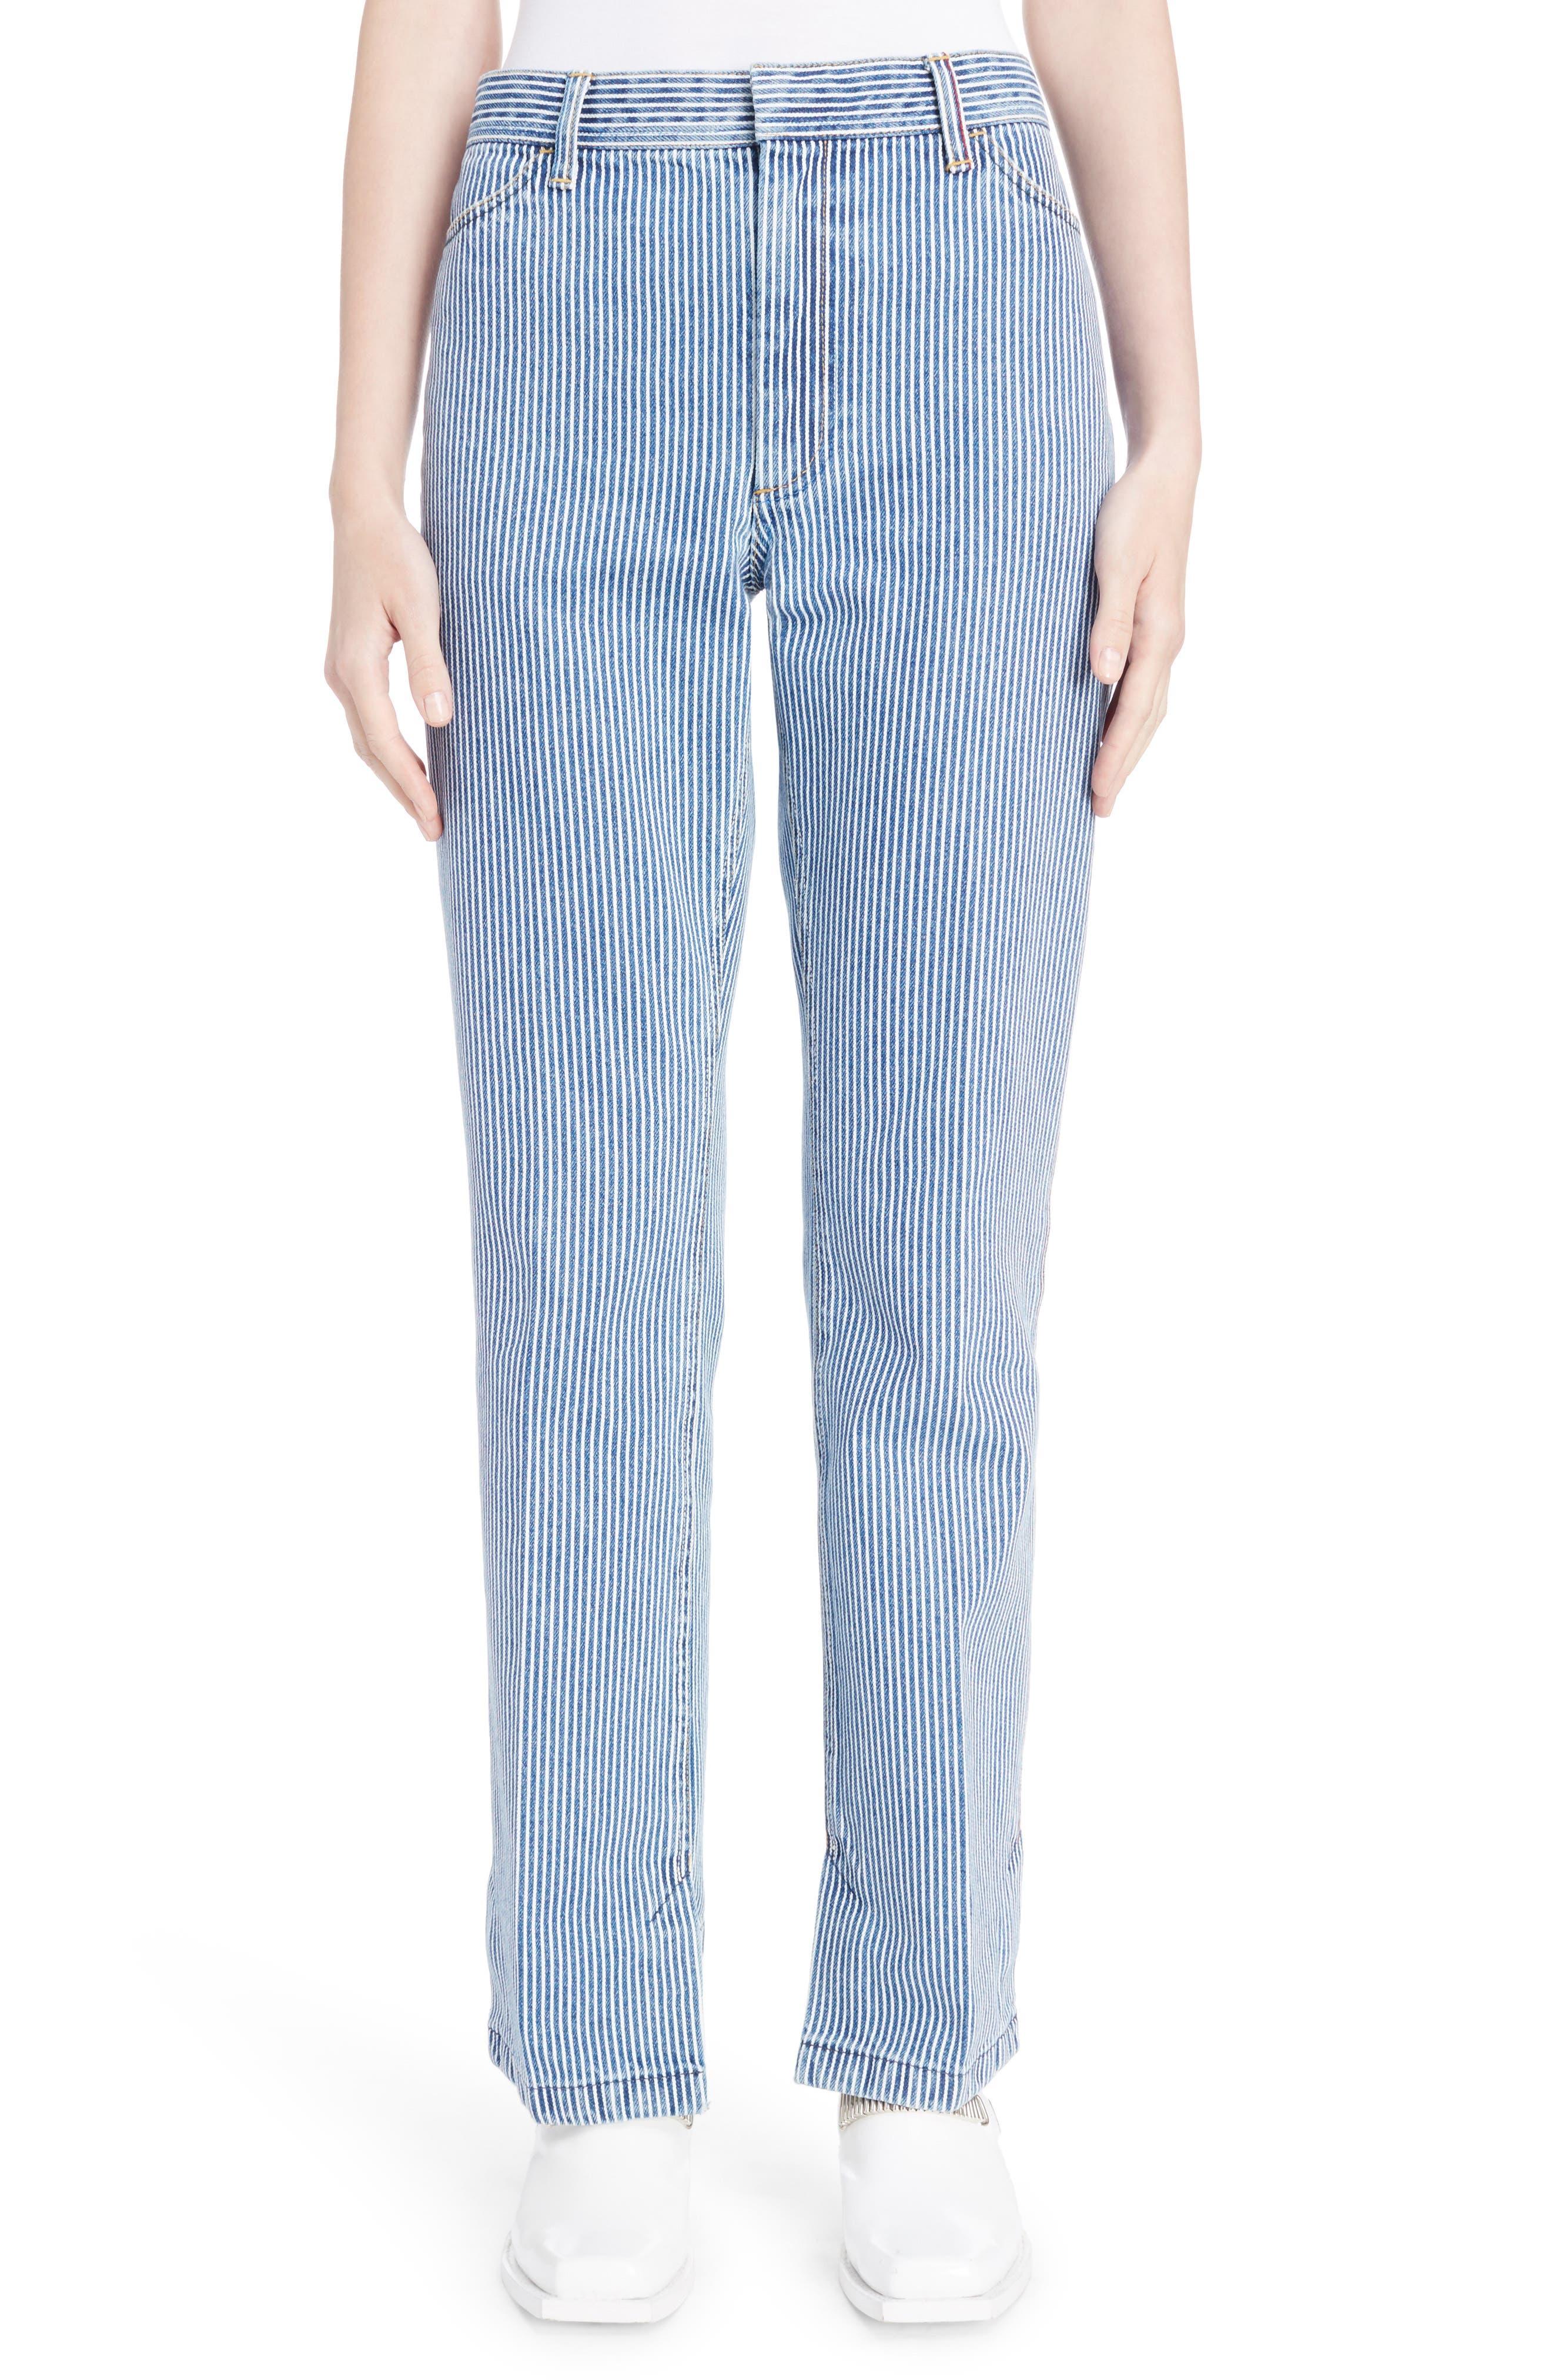 Alternate Image 1 Selected - TOGA Stripe Straight Leg Jeans (Navy White)